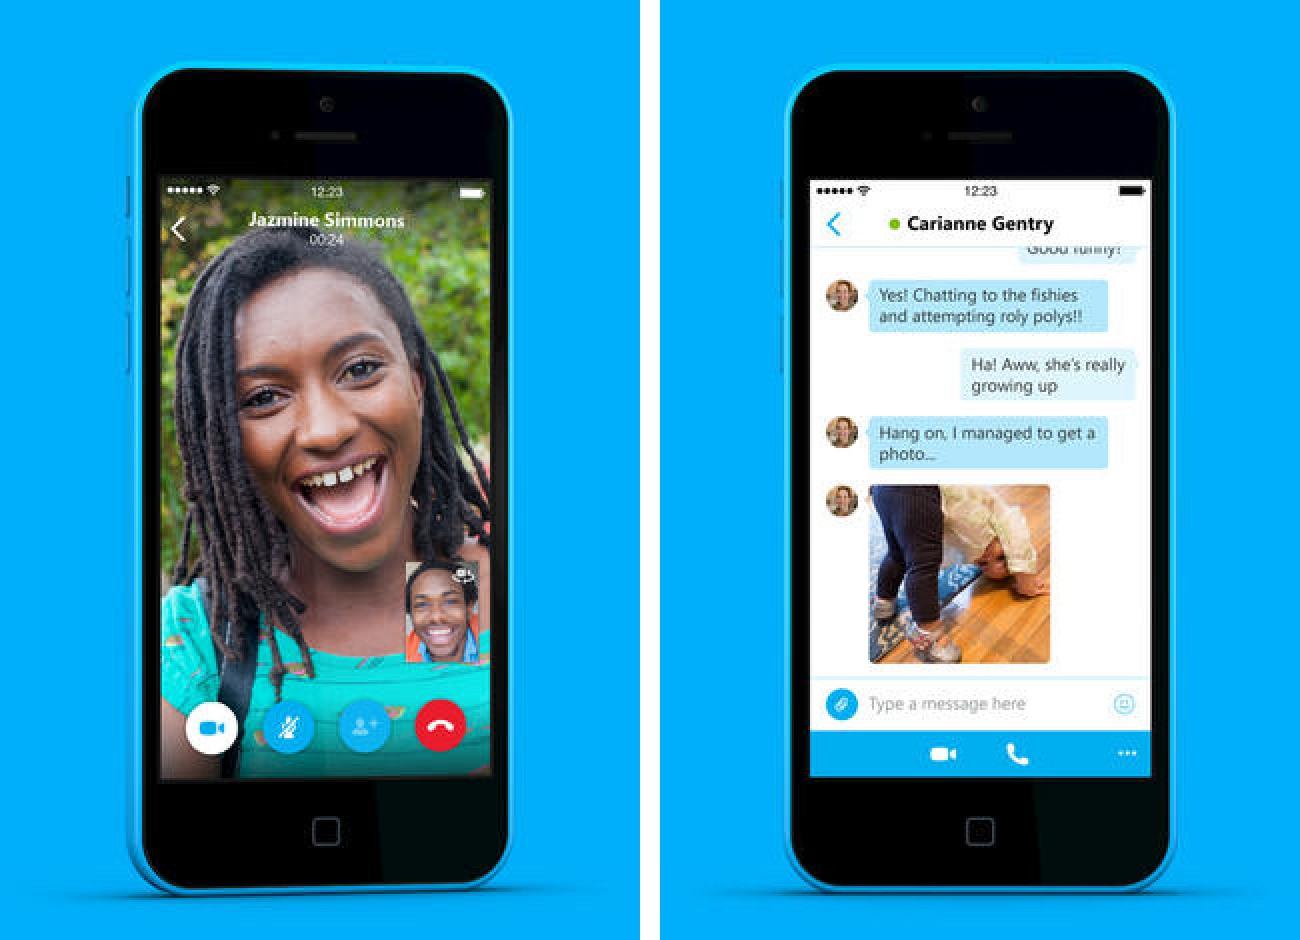 Urz±dzenia iPhone i iPad pozwalaj± teraz na nagrywanie rozmów Skype